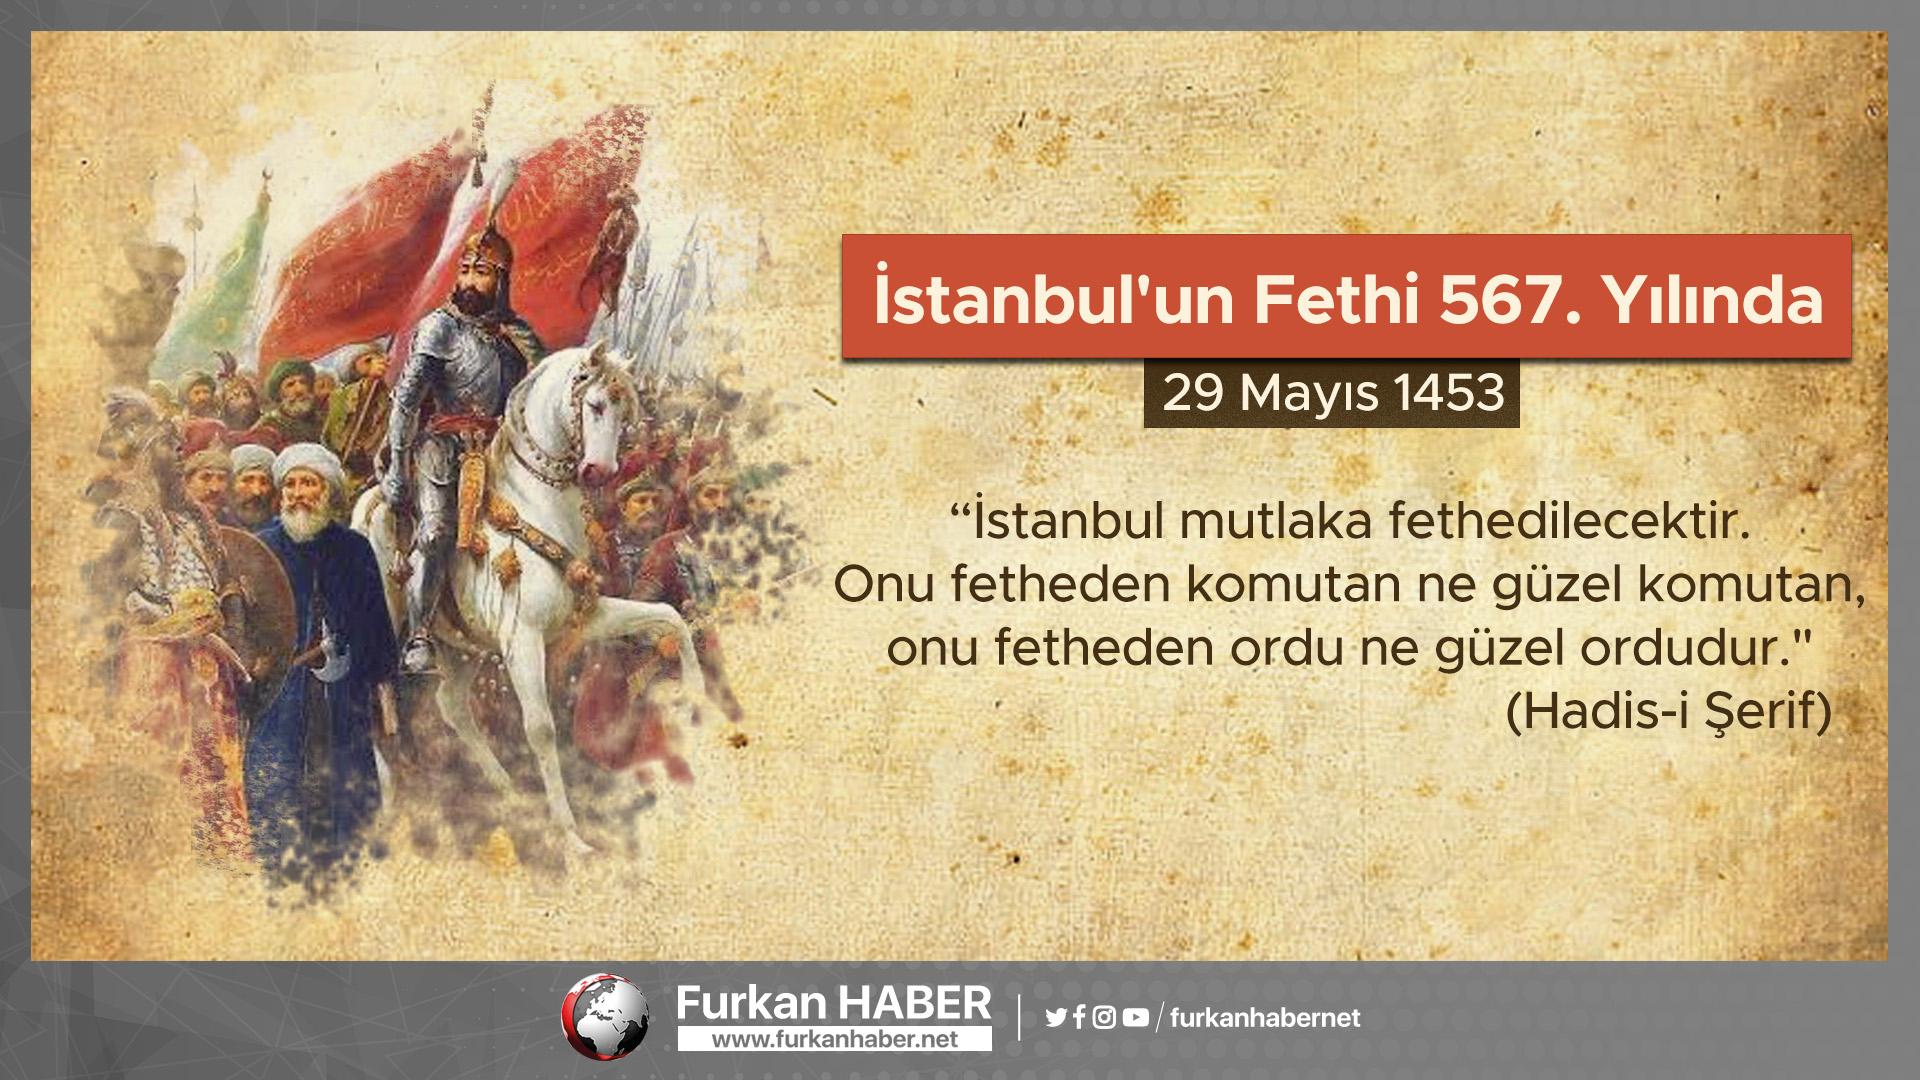 İstanbul'un Fethi 567. Yılında